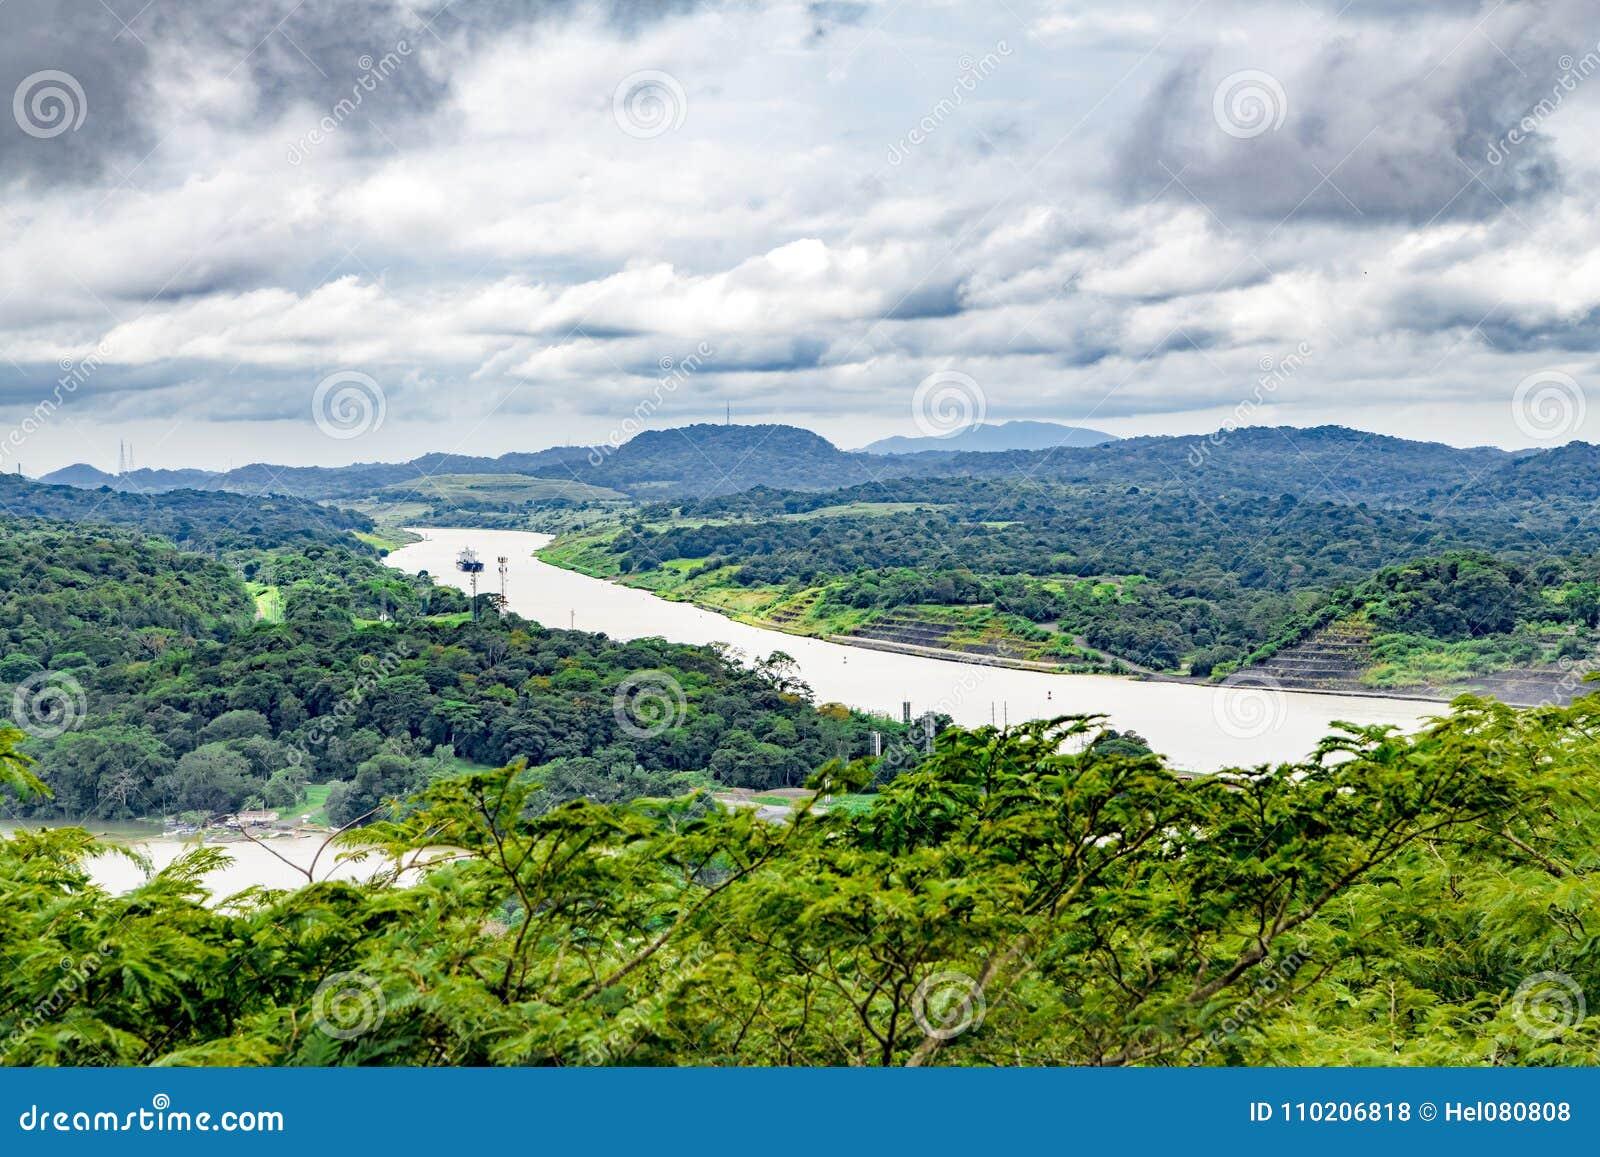 Panamski kanał Gatun i jezioro, widok z lotu ptaka